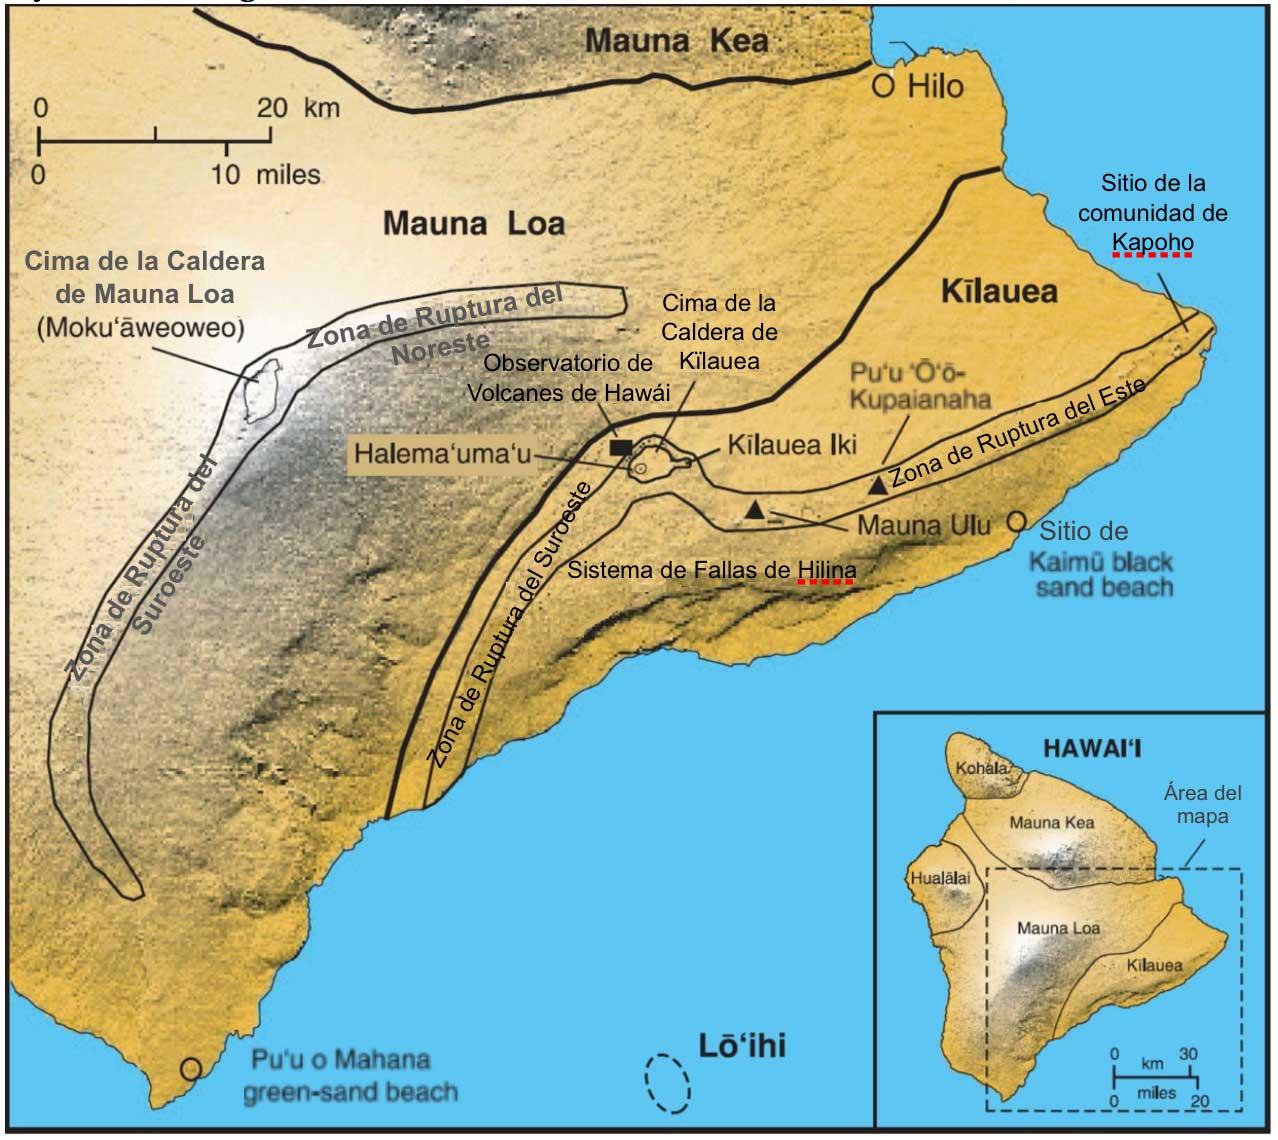 Mapa que presenta los principales centros volcánicos, zonas de ruptura y sistemas de fallas en Hawái (USGS, 2010).